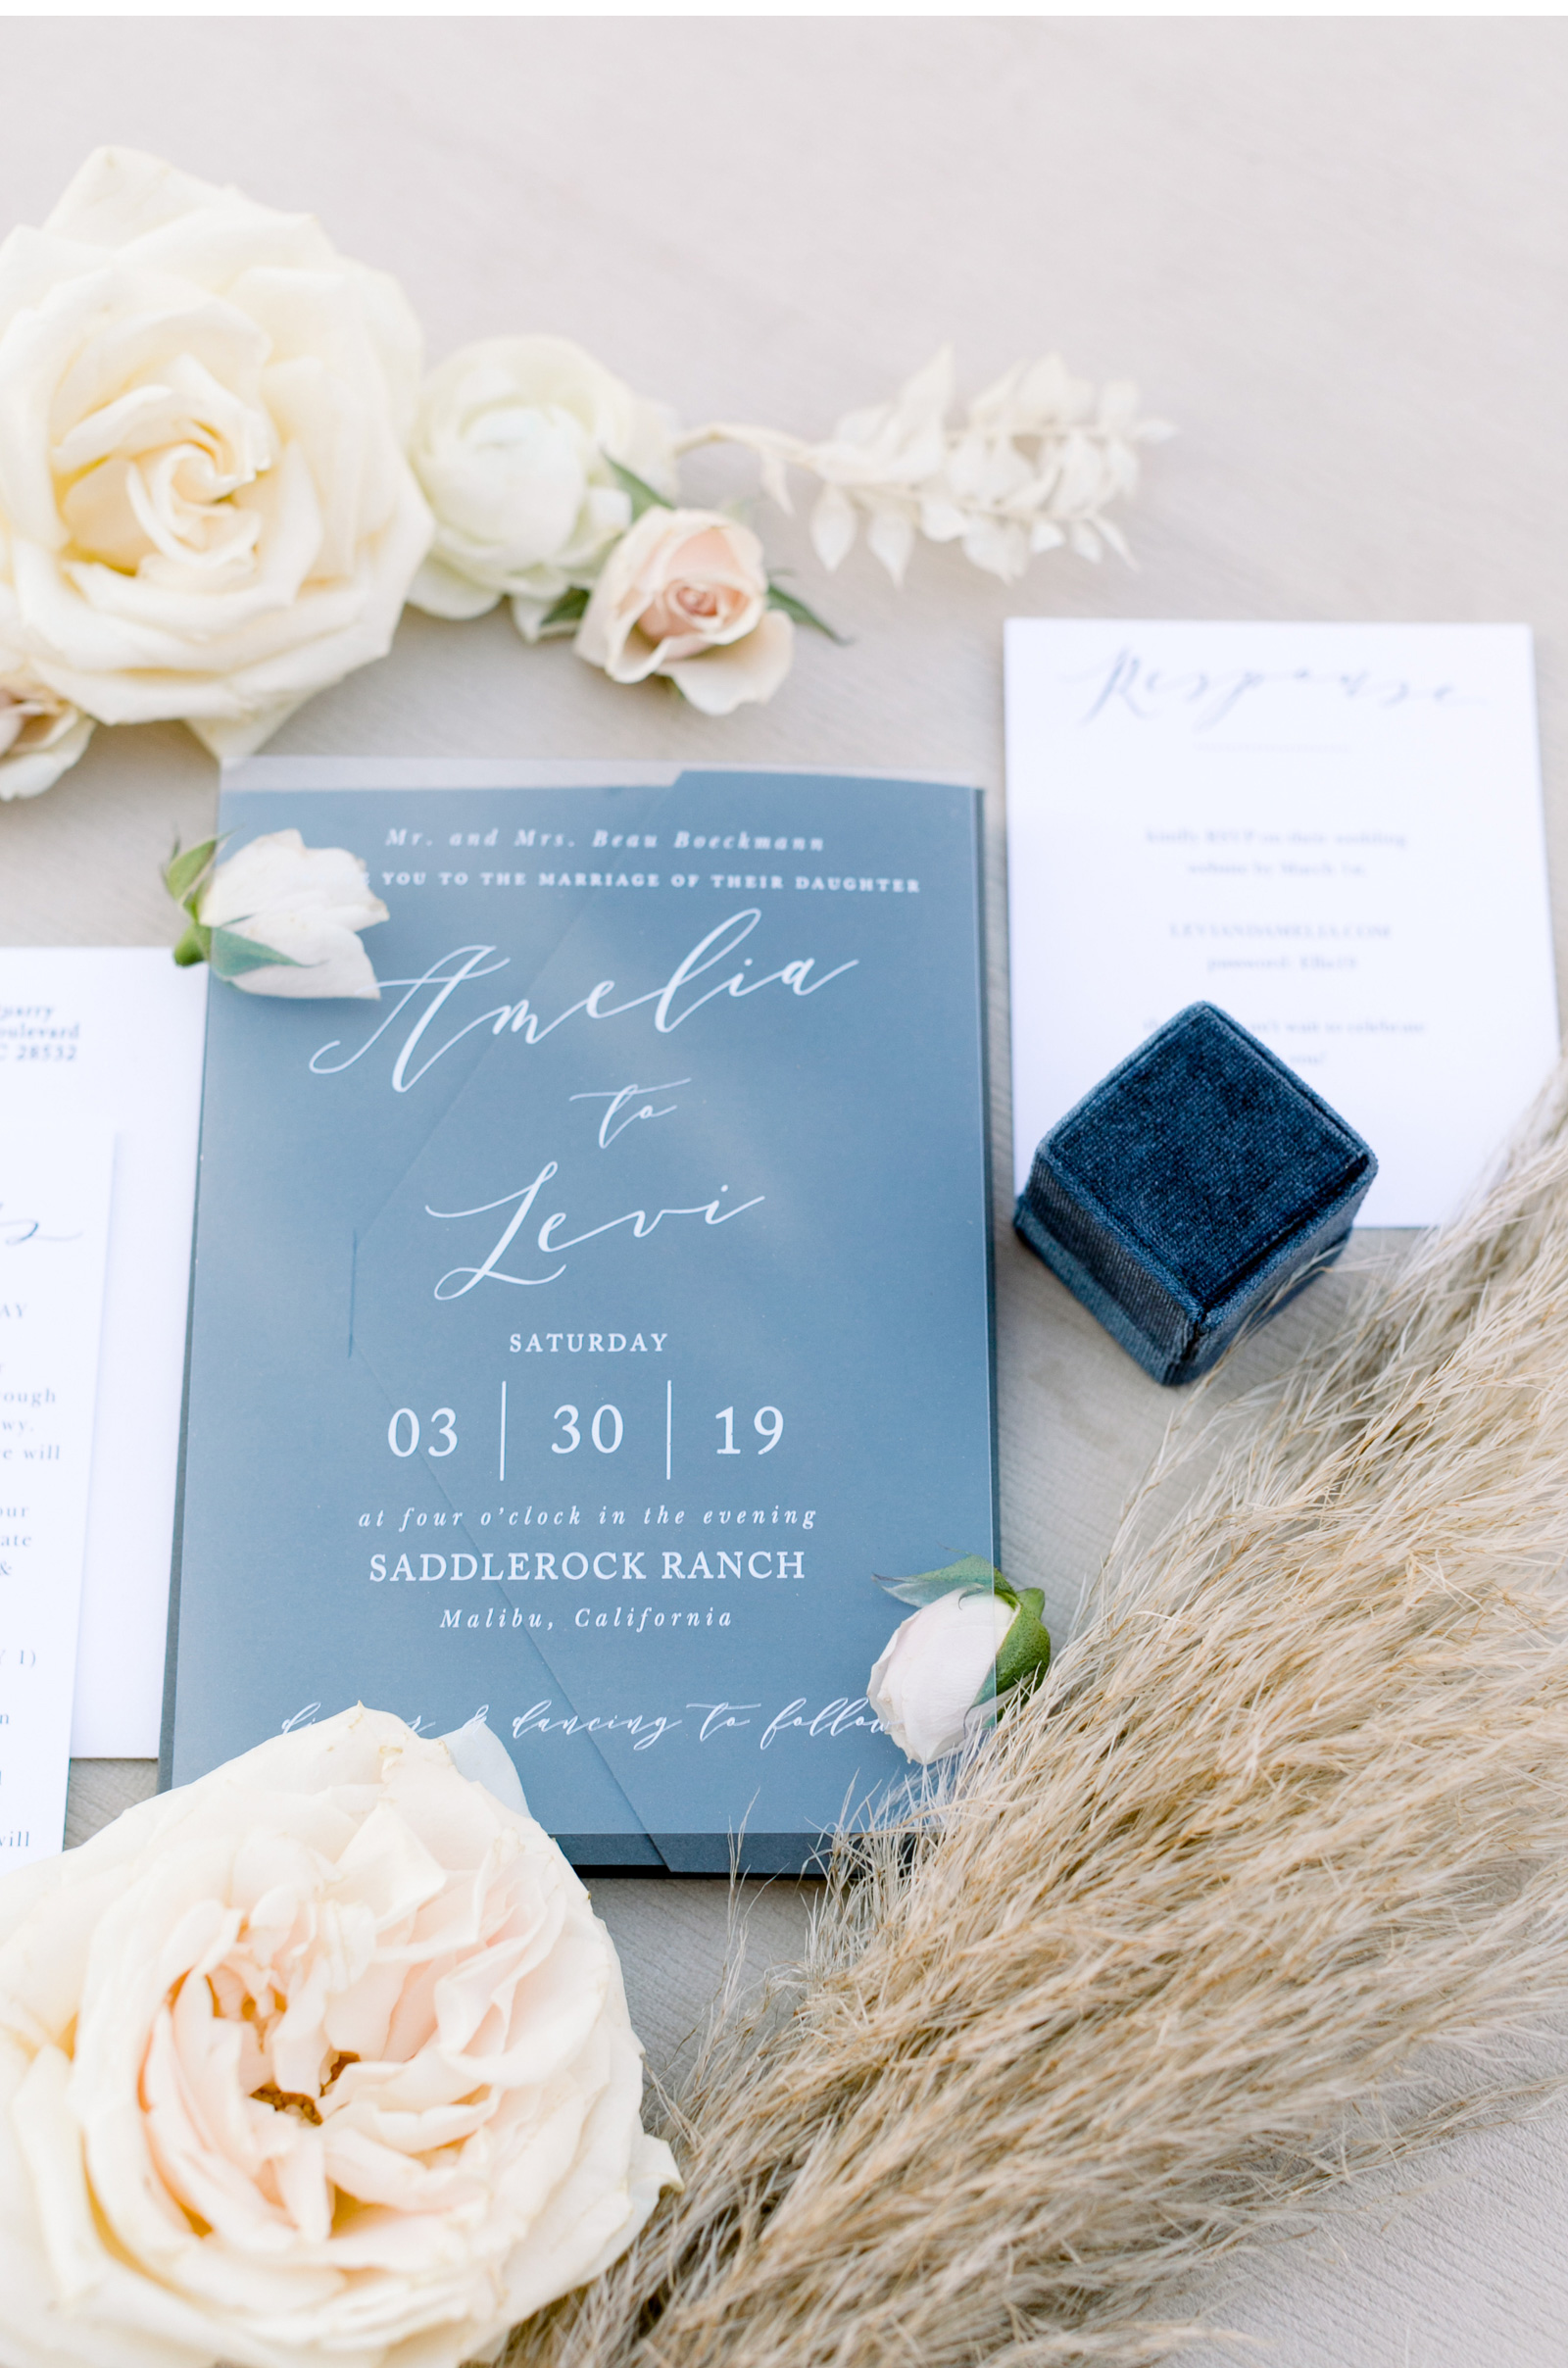 Malibu-Wedding-Photography-West-Coast-Wedding-Venues-Style-Me-Pretty-Malibu-Wedding-Venue_02.jpg